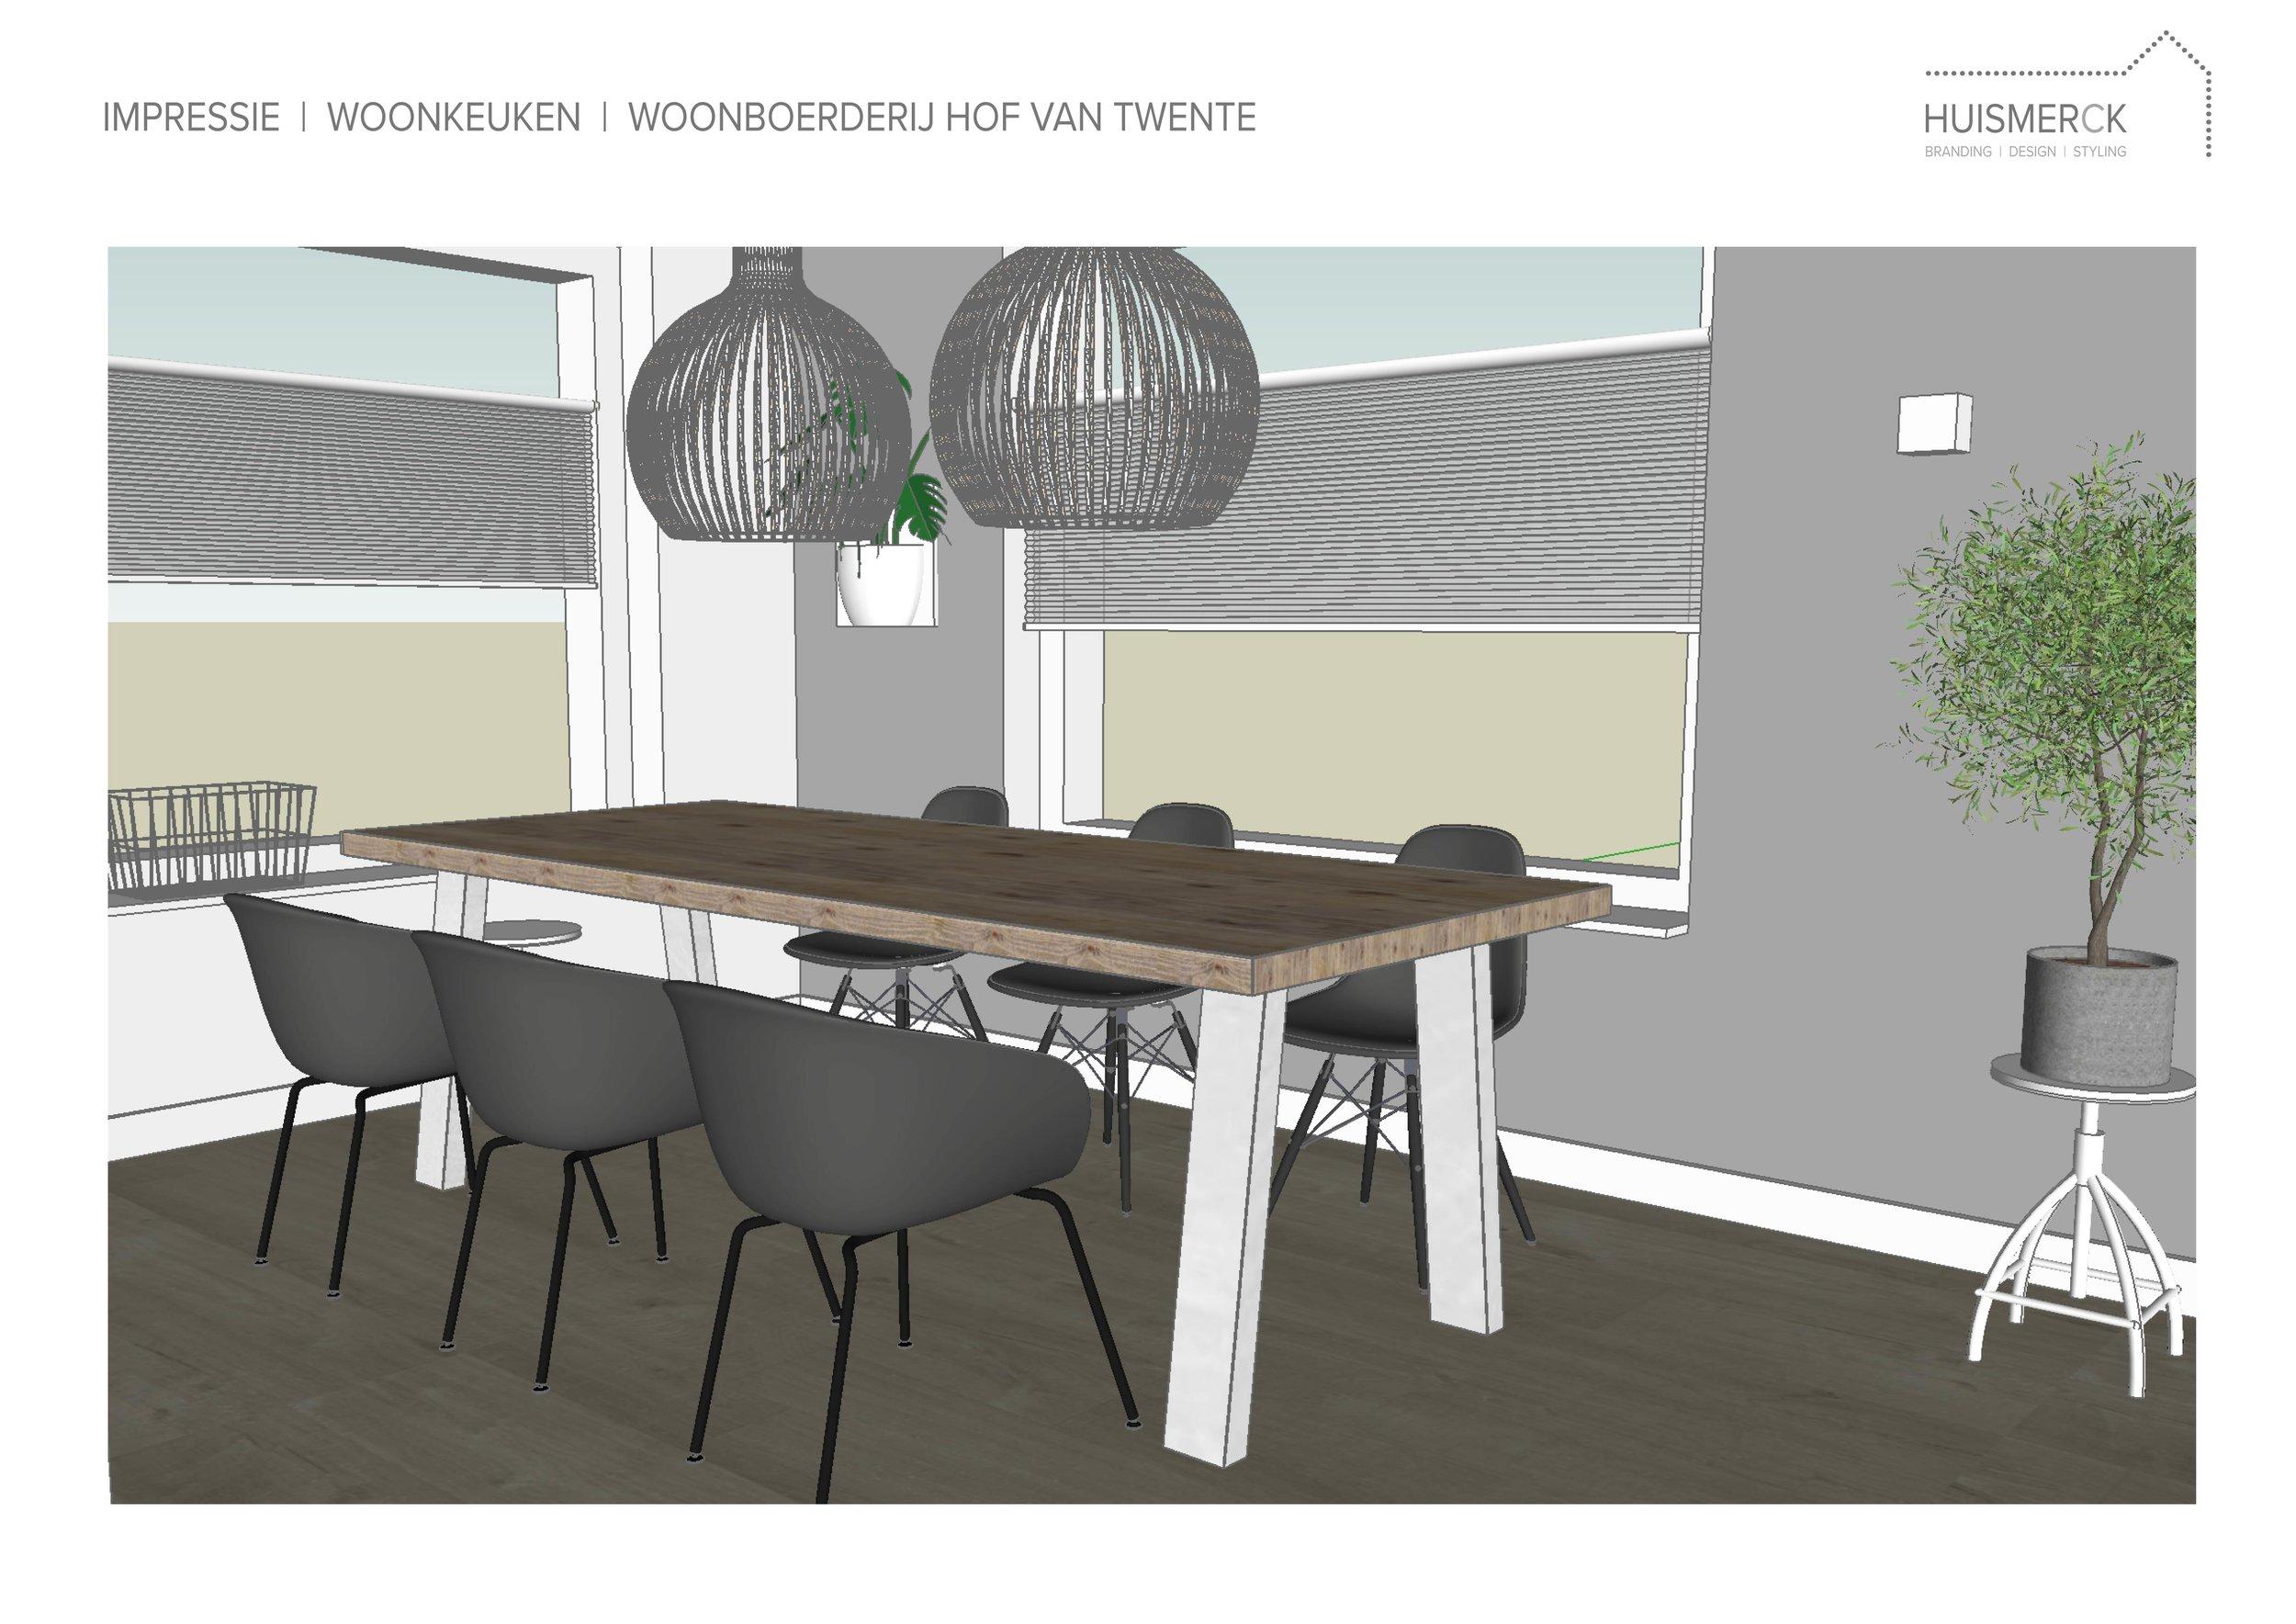 HUISMERCK®_impressie_woonkeuken_Hof_van_Twente-01-01.jpg